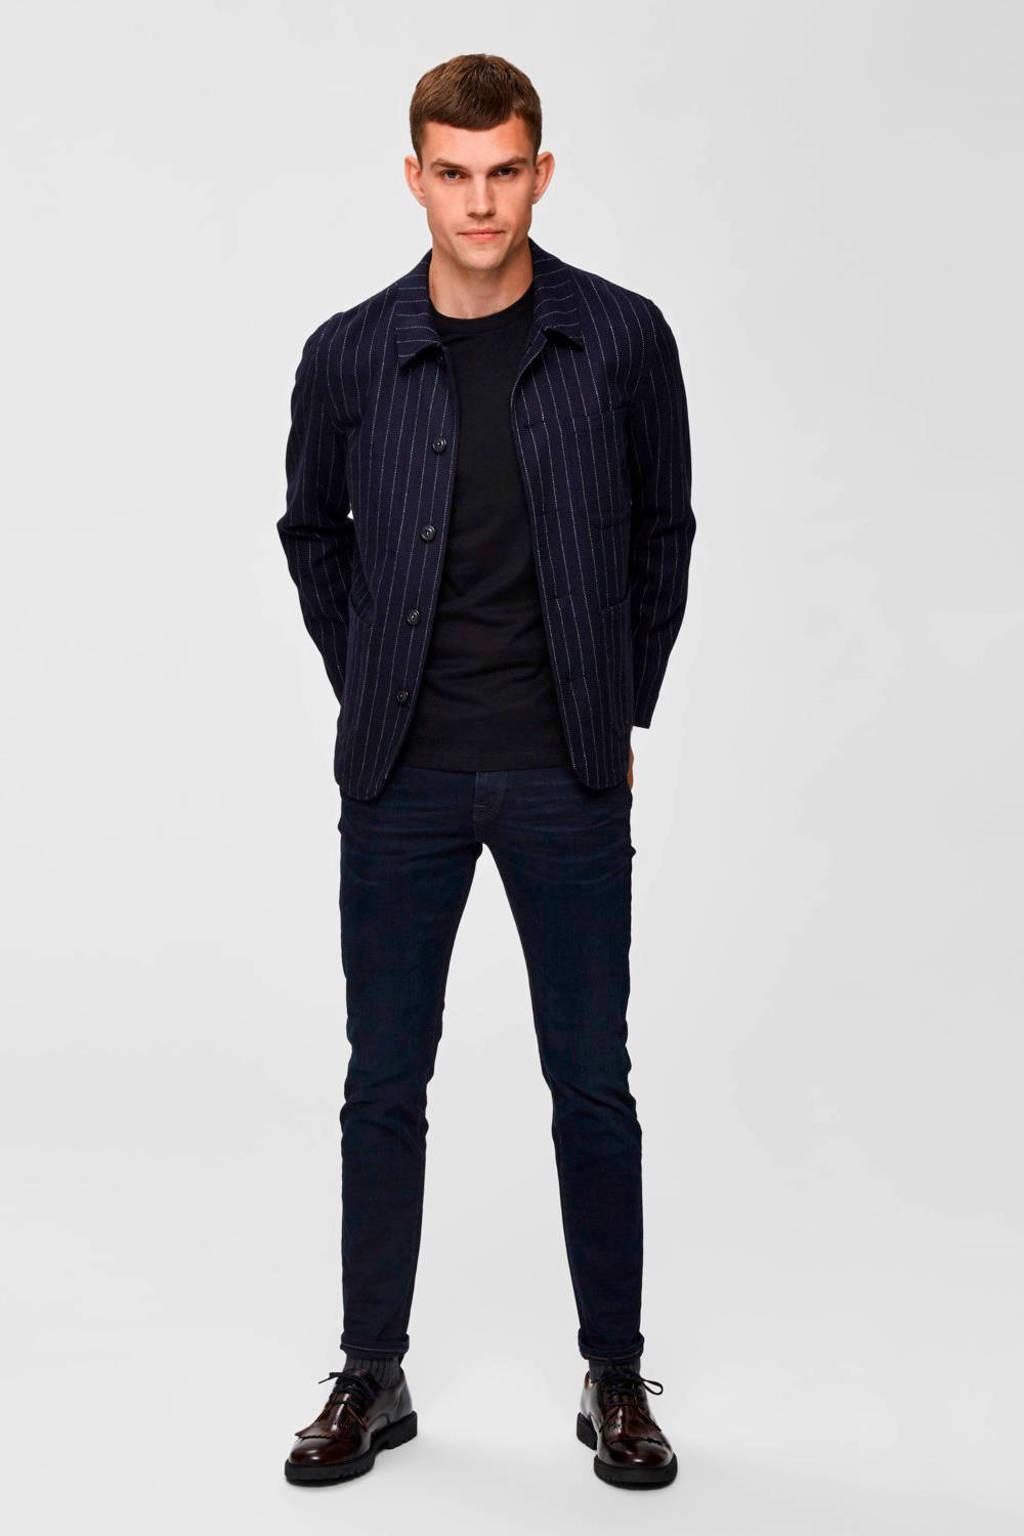 SELECTED HOMME slim fit jeans blue black denim